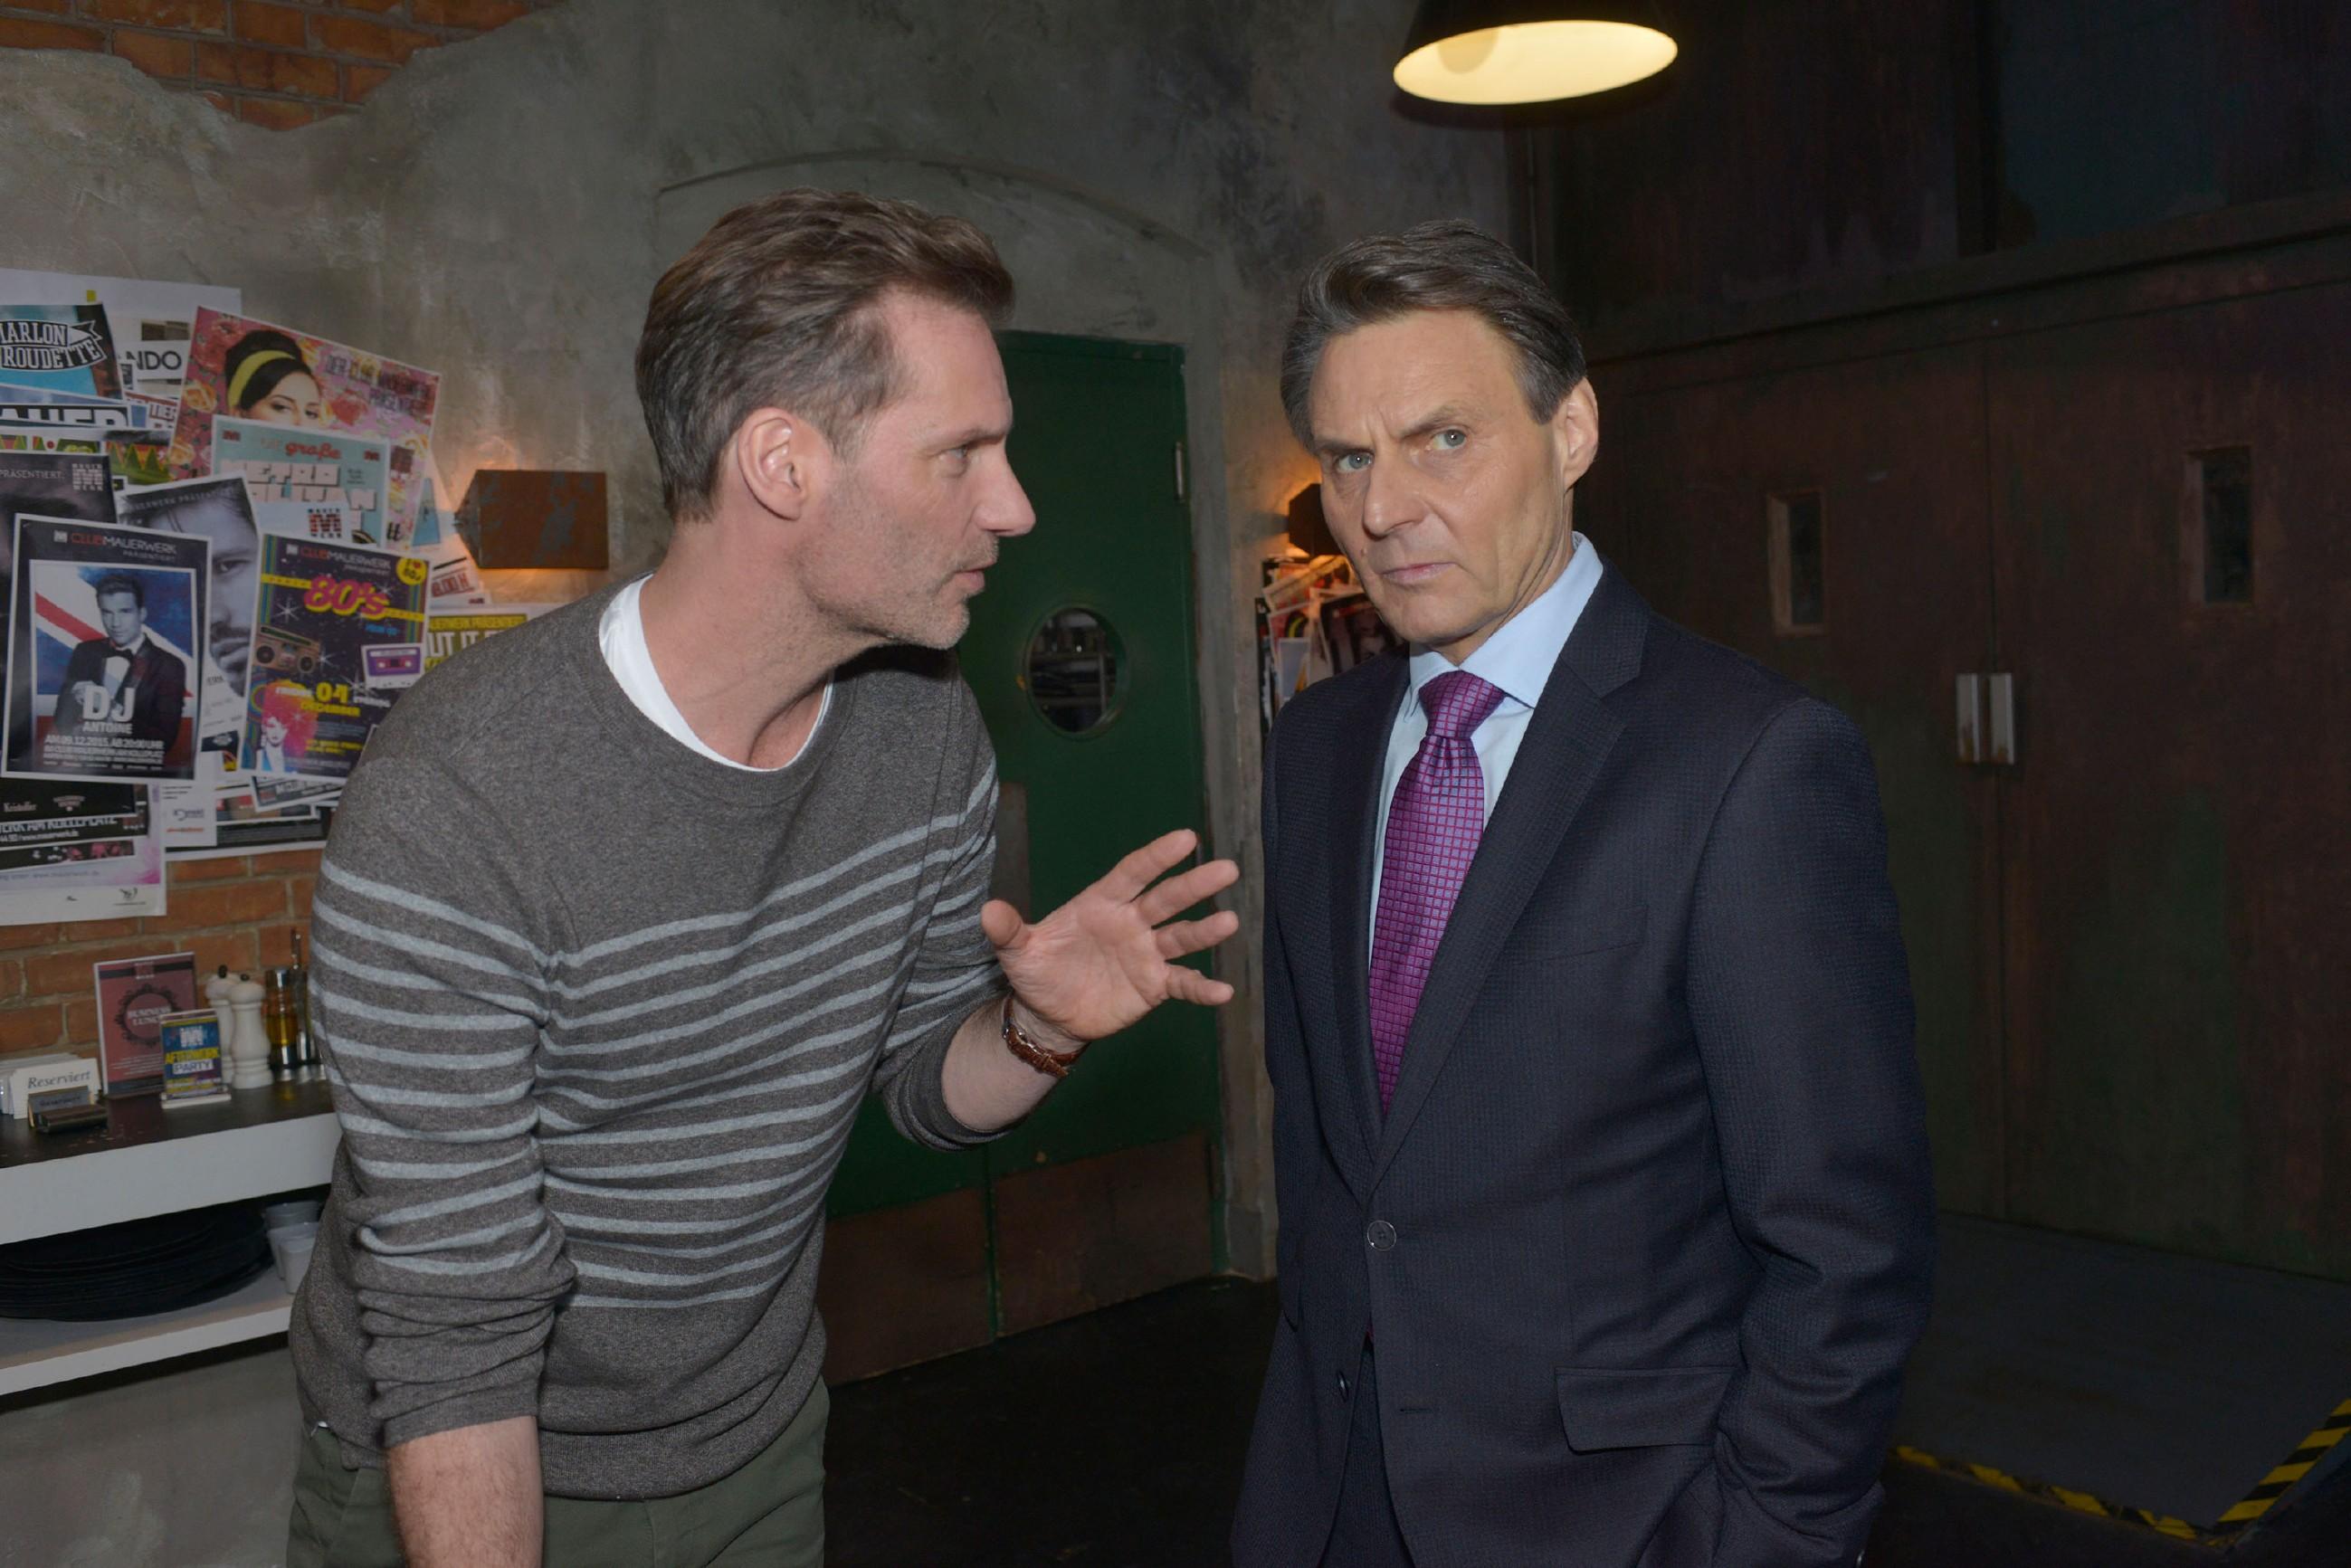 Als Alexander (Clemens Löhr, l.) Gerner (Wolfgang Bahro) mit den Folgen von Davids Überfall konfrontiert, kommt es zwischen den ehemaligen Freunden zum Eklat... (Quelle: RTL / Rolf Baumgartner)